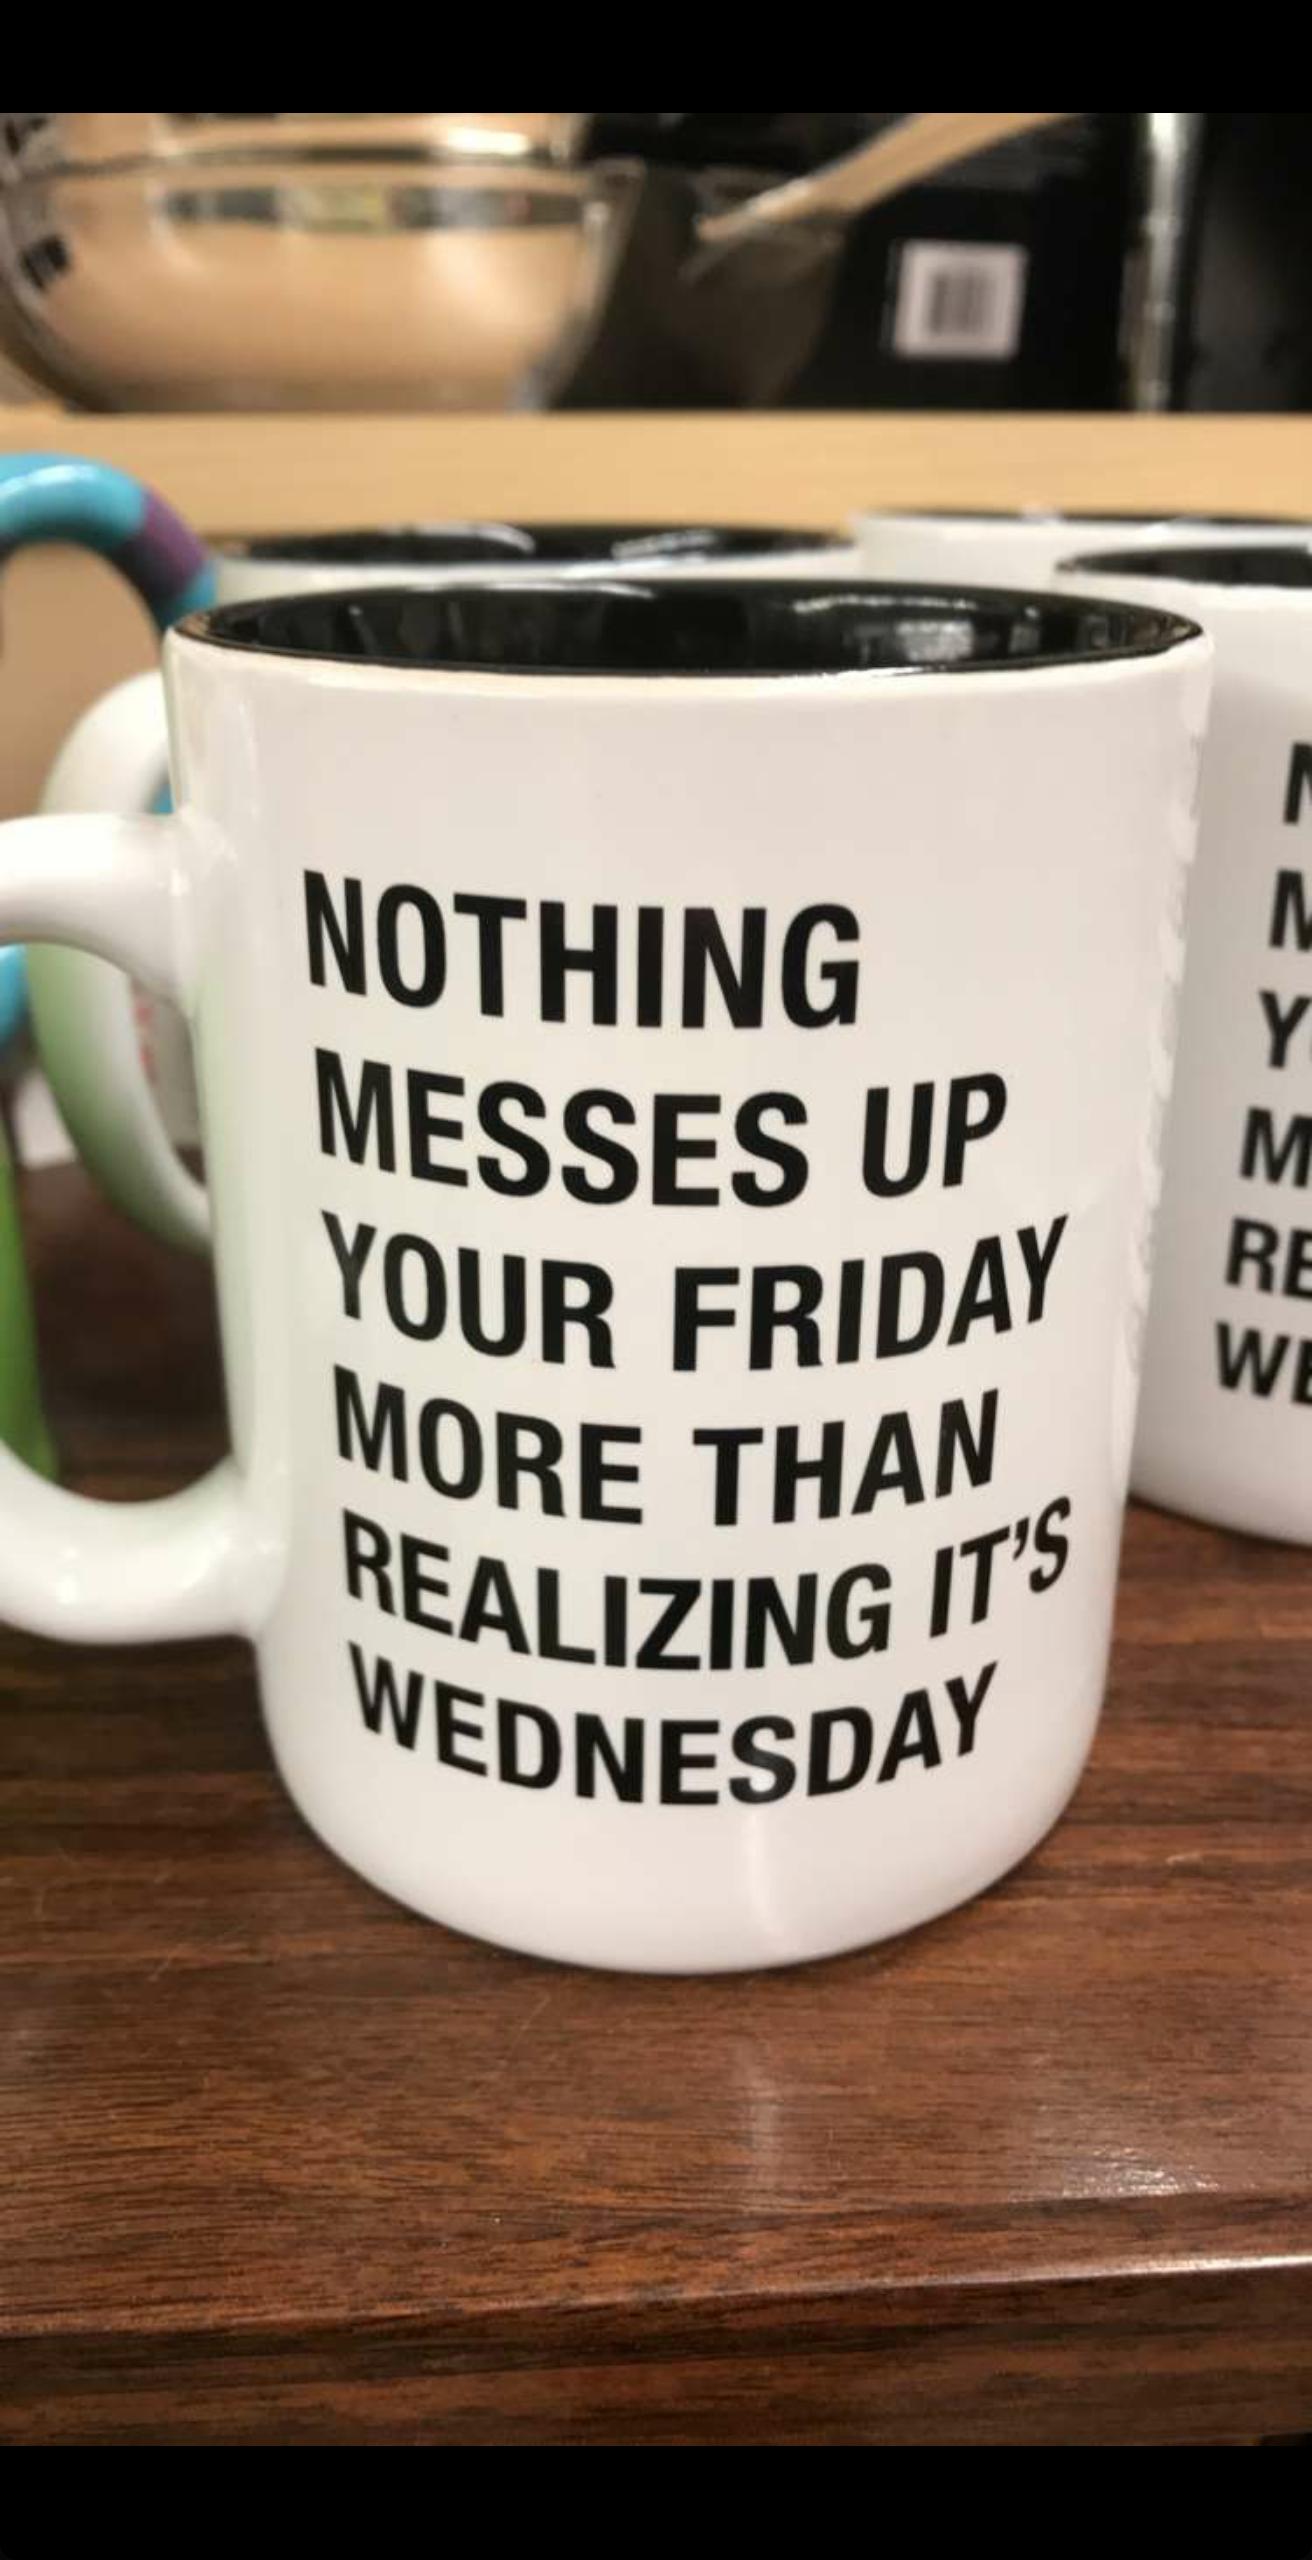 Me every week.